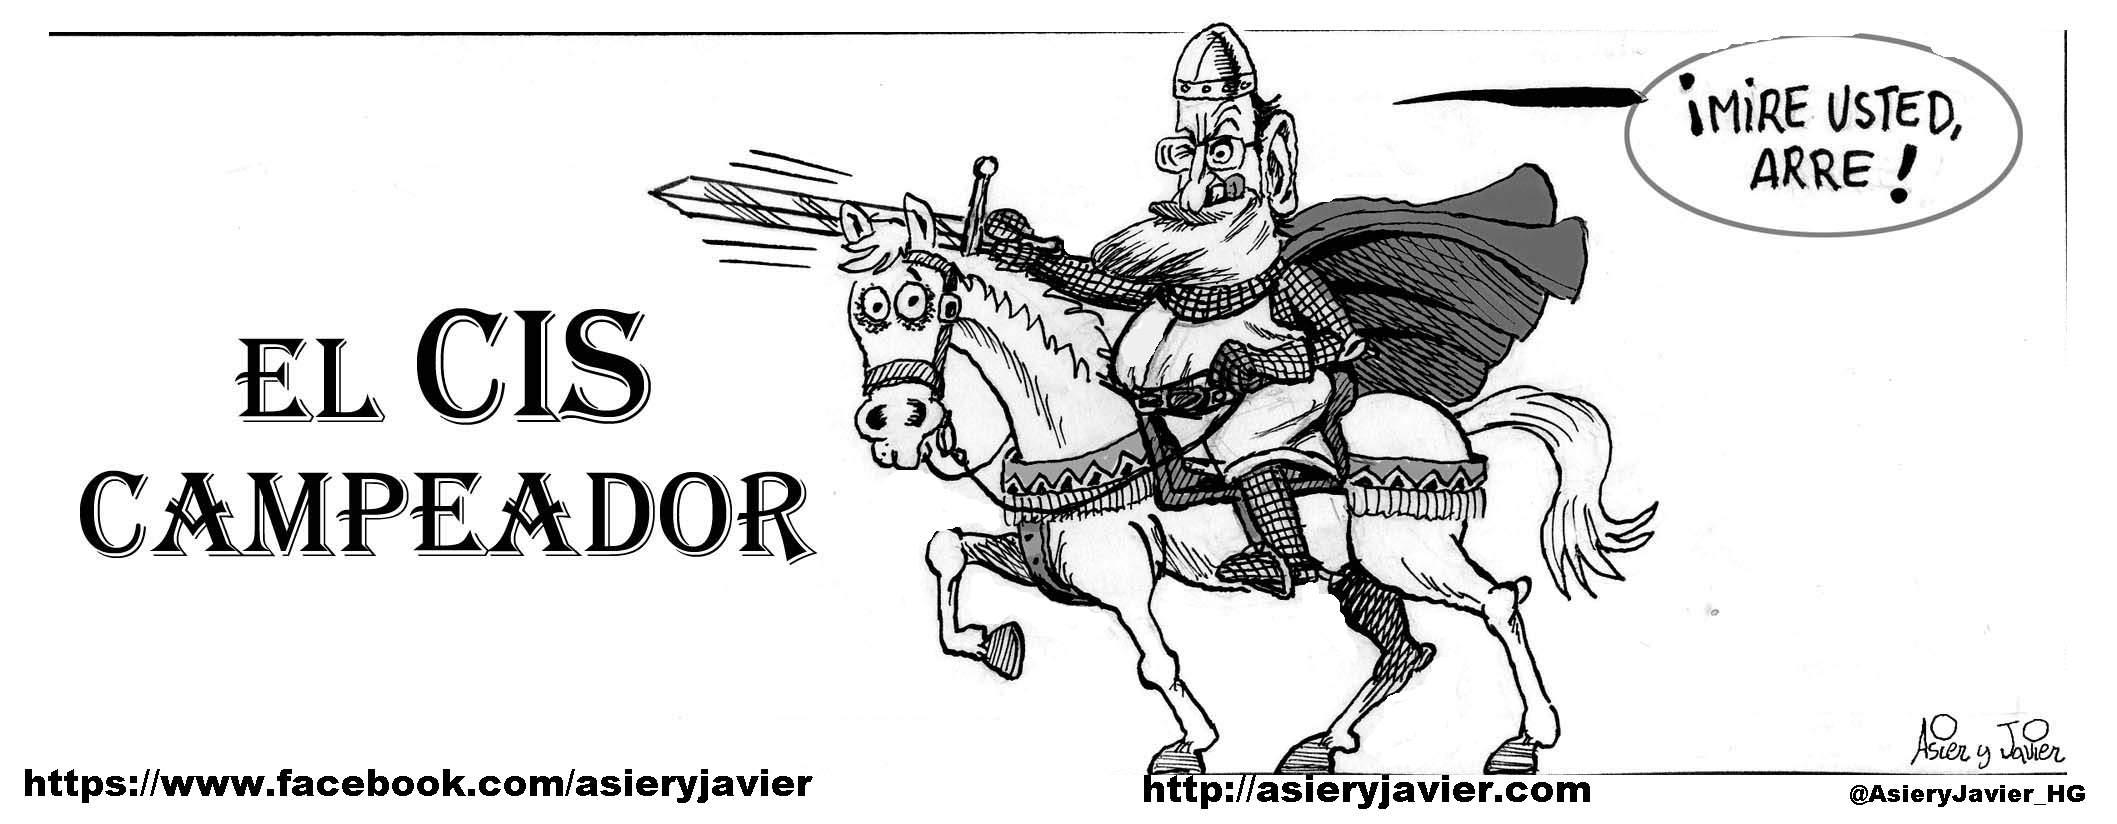 Rajoy se vale del CIS para hacerse fuerte en las elecciones europeas. Caricatura, viñeta.